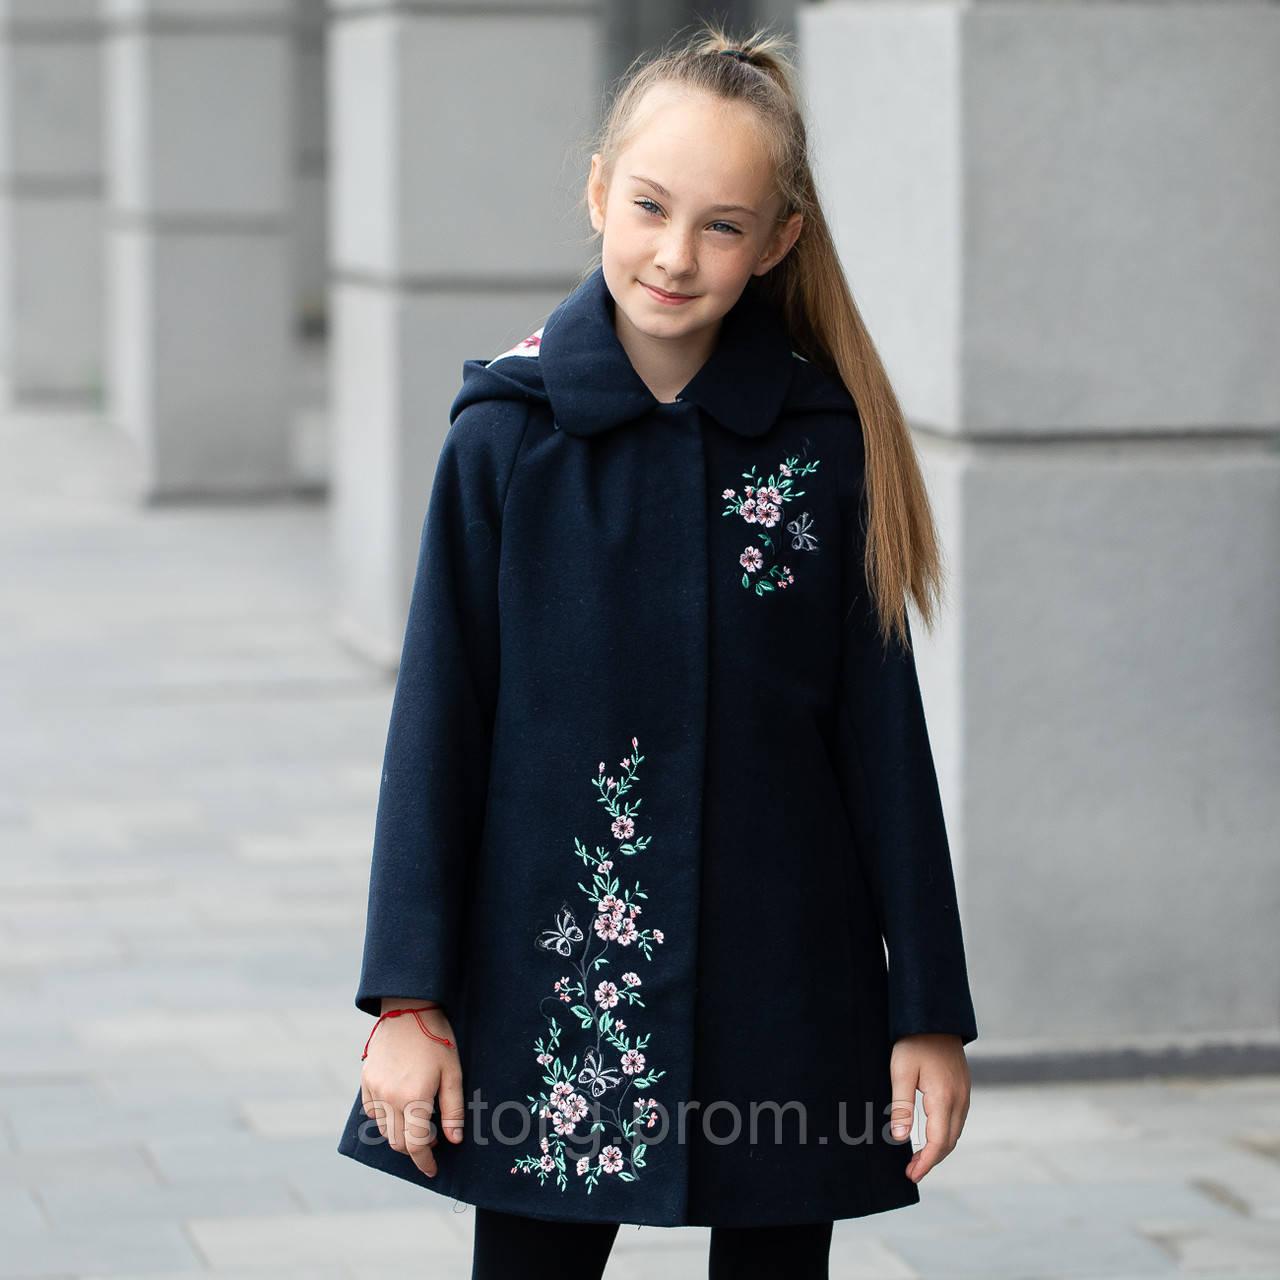 Элегантное кашемировое пальто с капюшоном для девочки «Сакура-1»